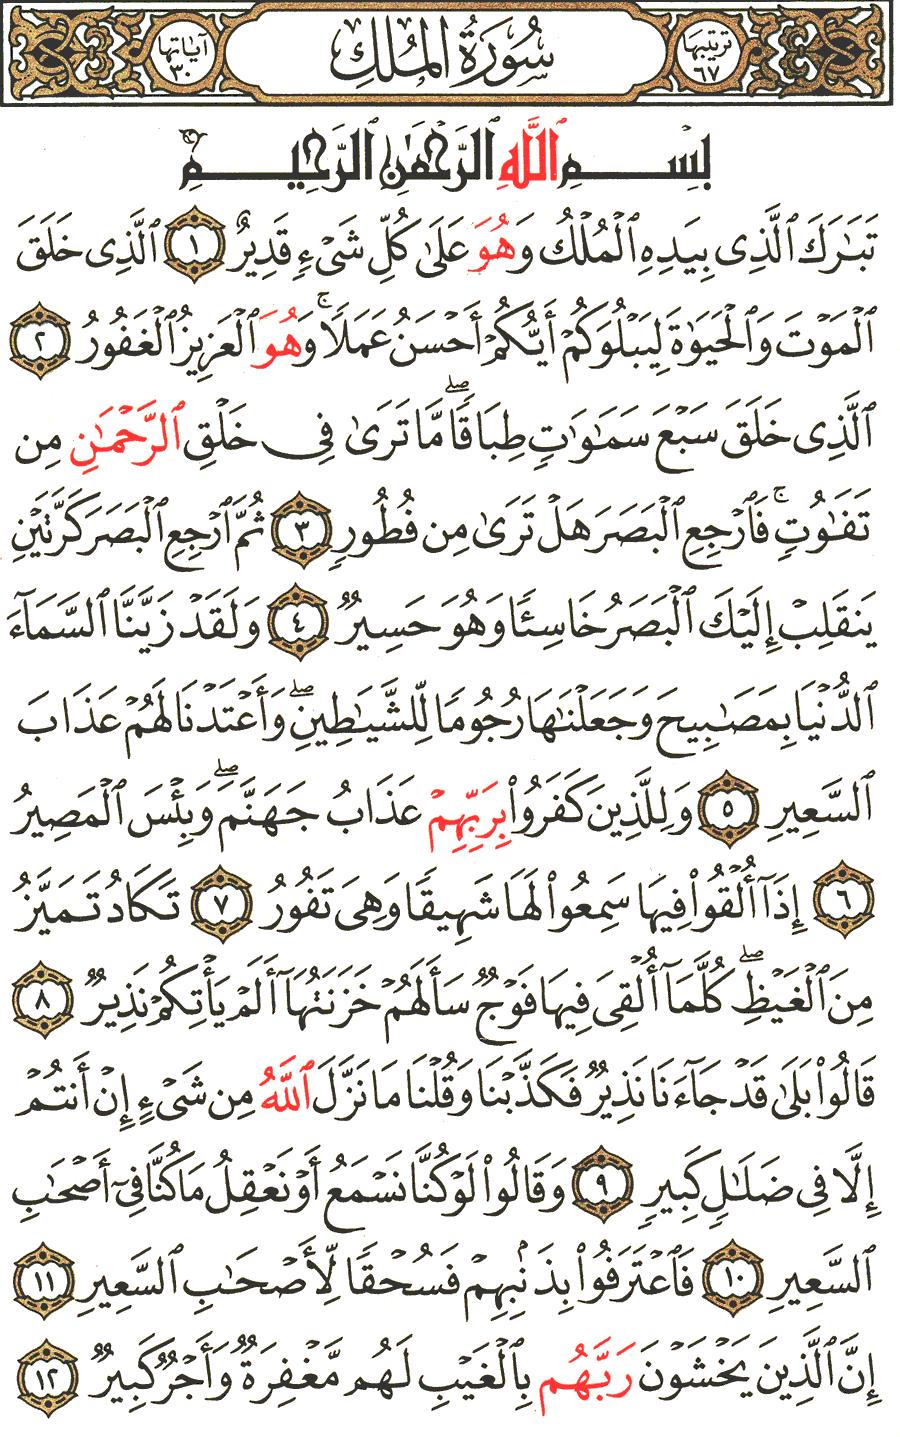 الصفحة رقم 562 من القرآن الكريم مكتوبة من المصحف